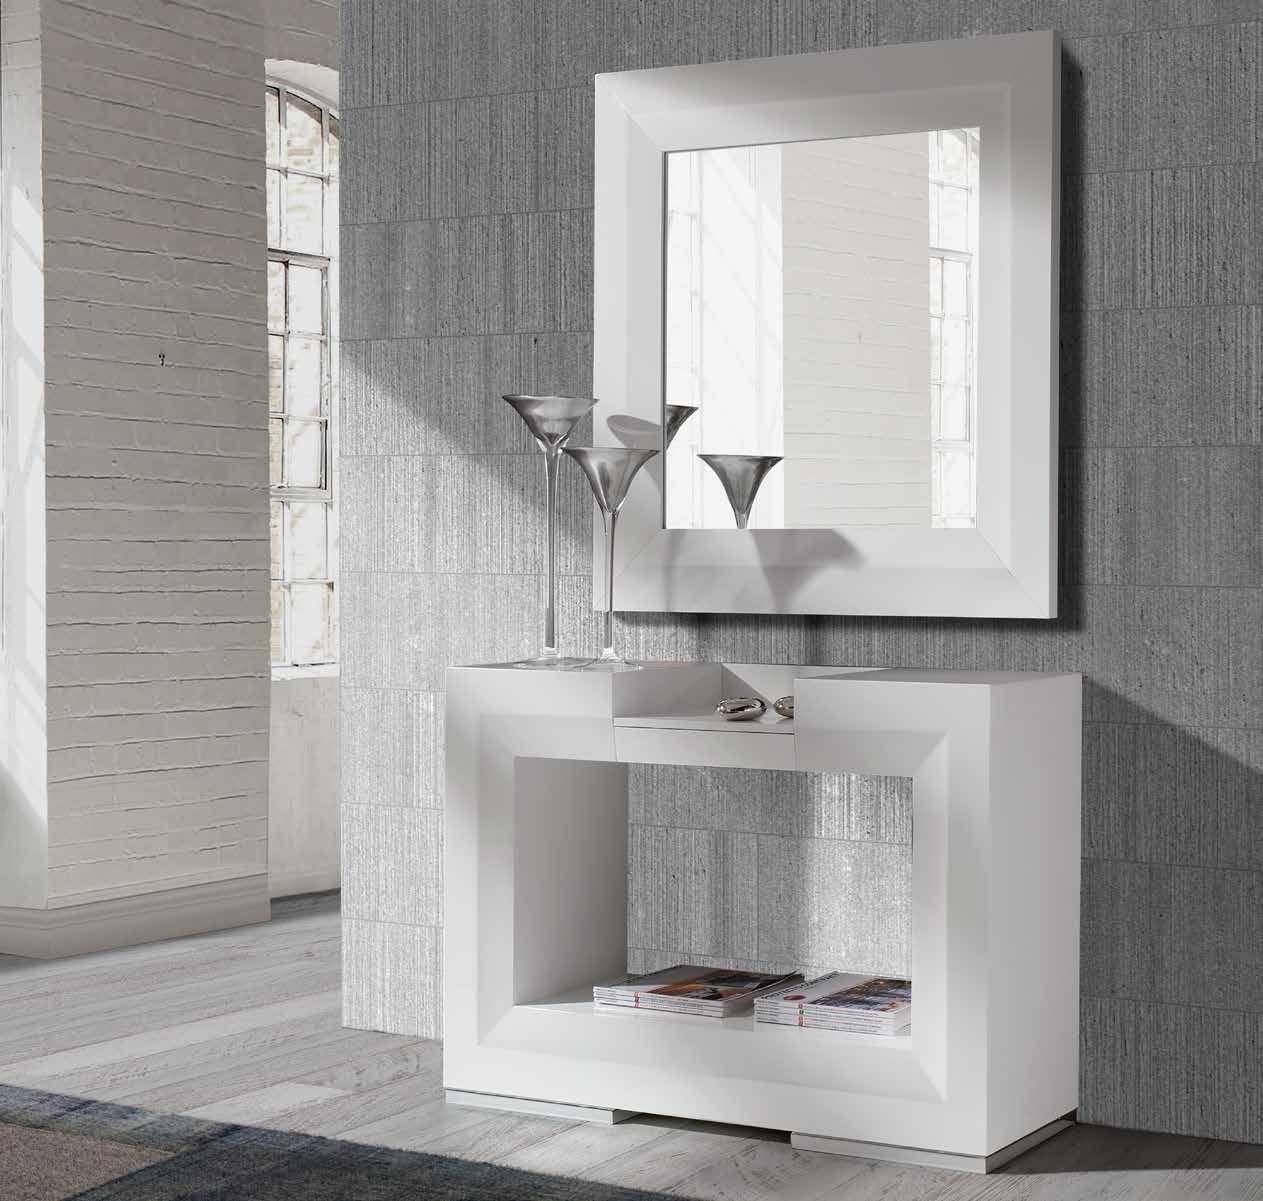 blanco o negro brillo consola o espejo twin consola o espejo twin moderna y elegante consola con espejo